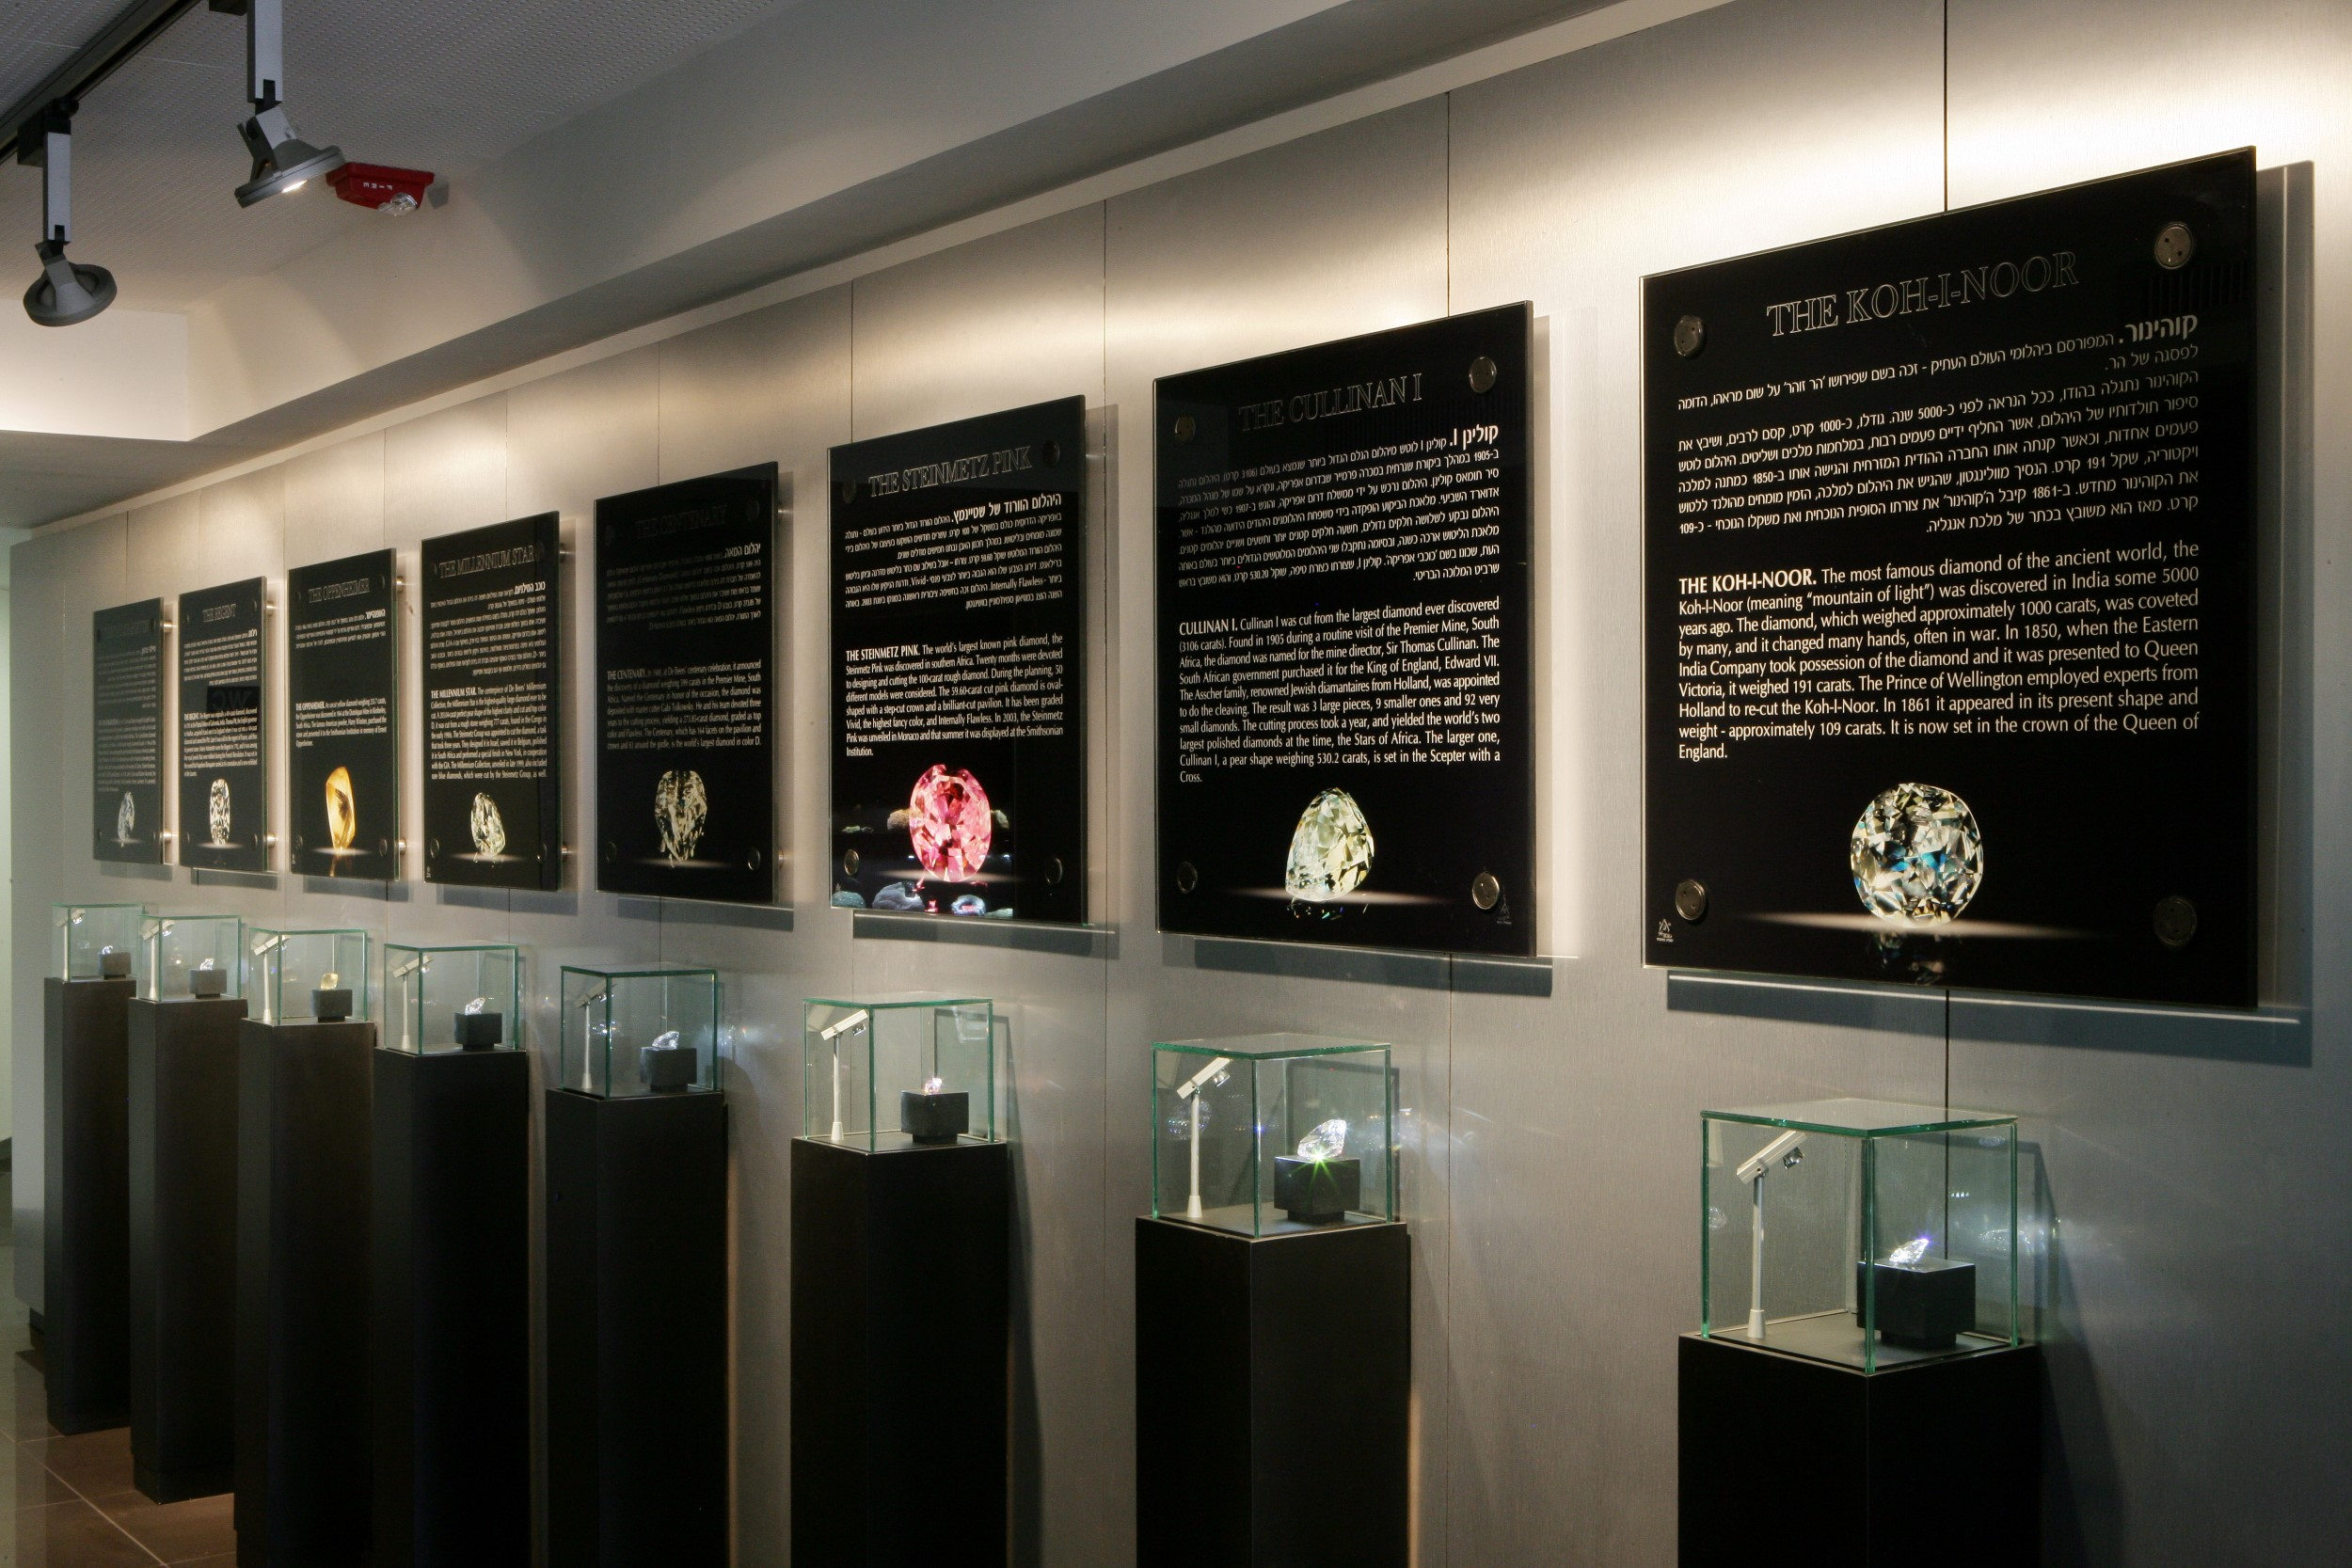 אגף היהלומים היקרים במוזיאון היהלומים ברמת גן (צילום: נתן דביר) (צילום: נתן דביר)